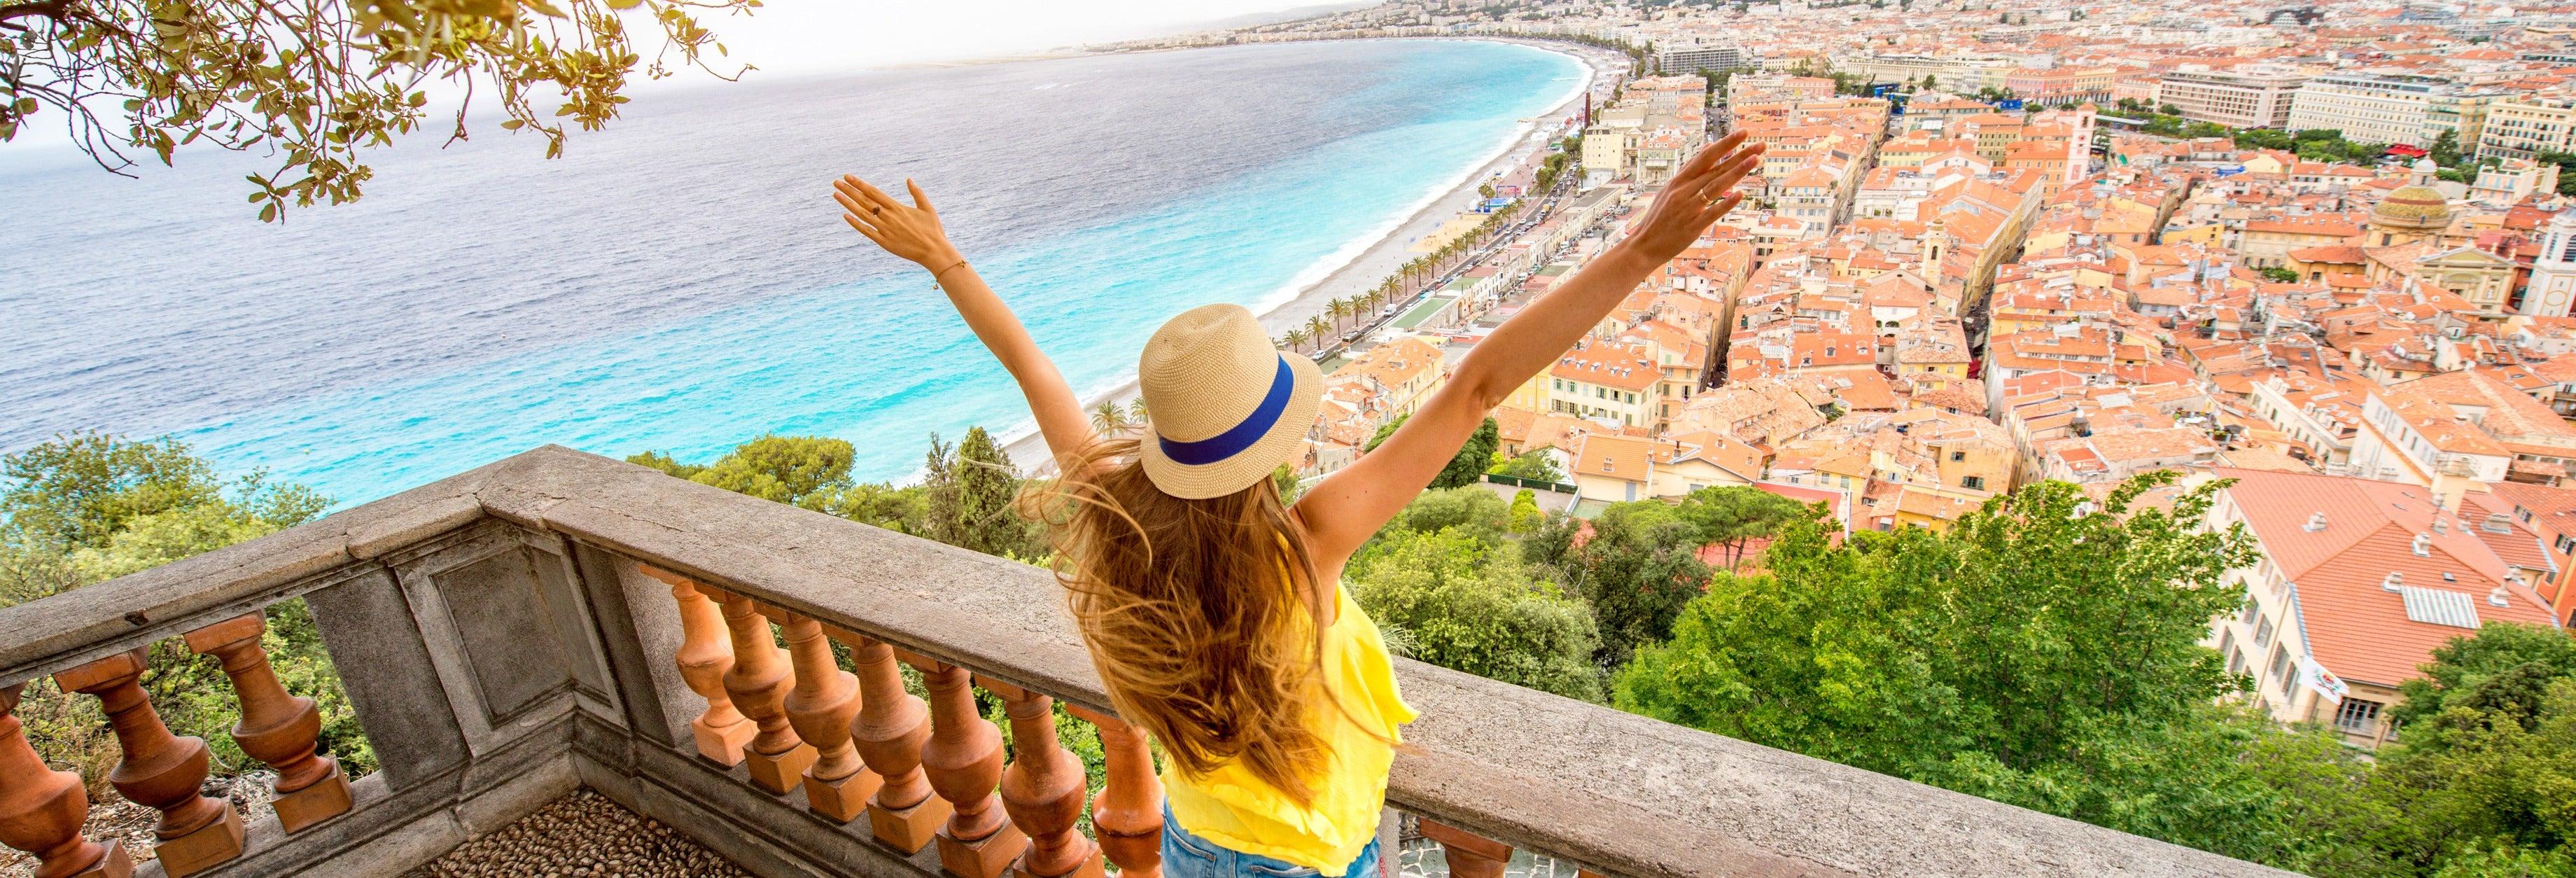 Tour privado por Niza ¡Tú eliges!